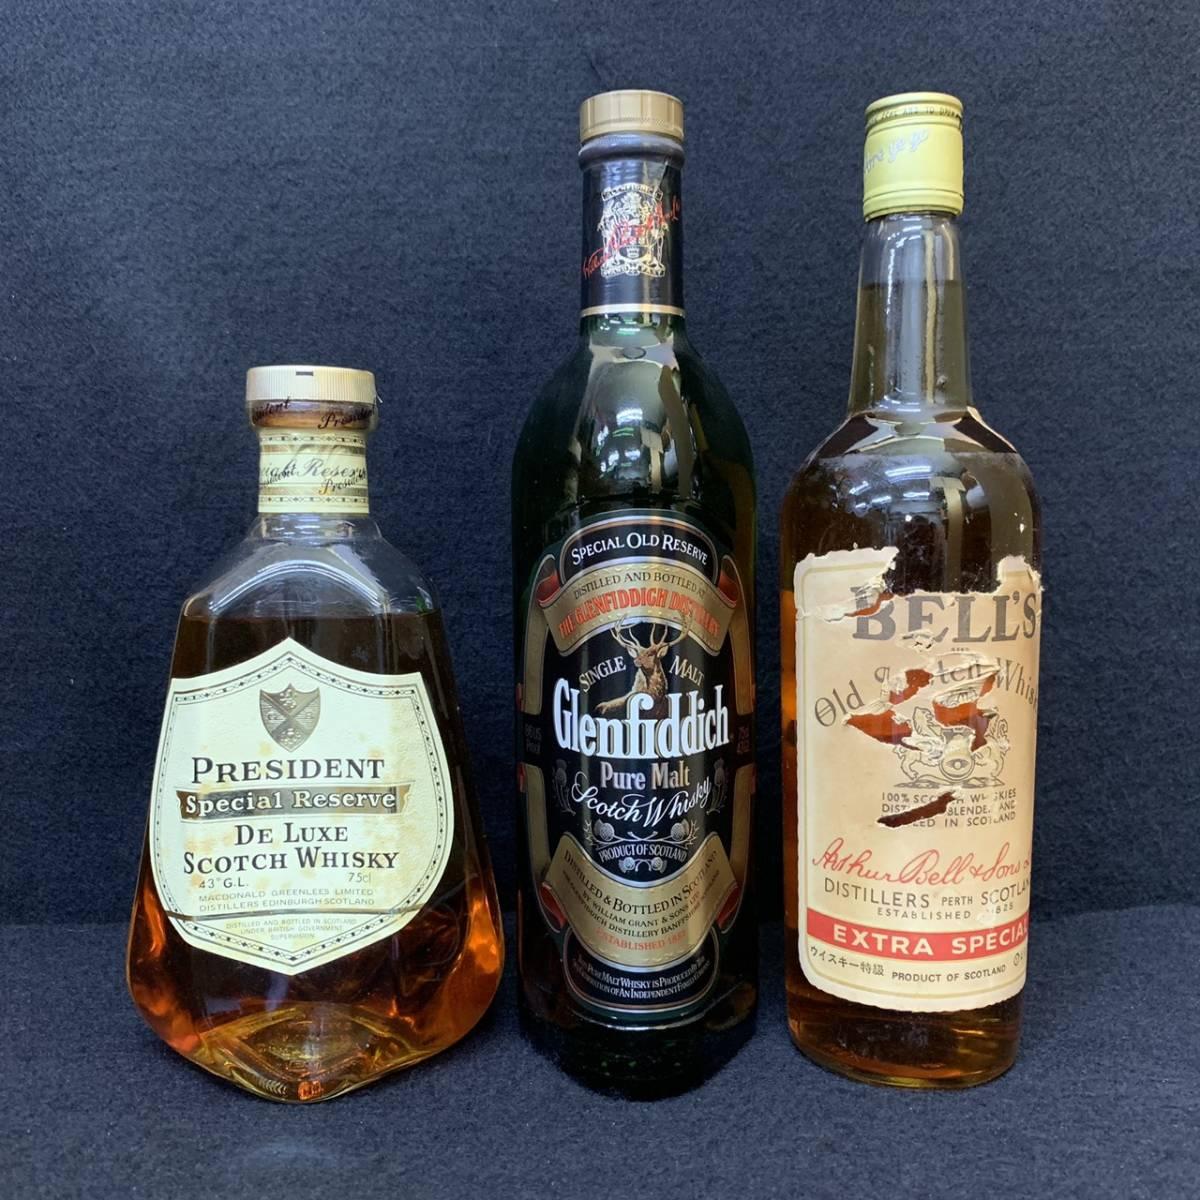 スコッチ ウィスキー(BELLS EXTRA SPECIAL 760ml)(PRESIDENT スペシャルリザーブ 750ml)(Glenfiddich 750ml)3本おまとめ